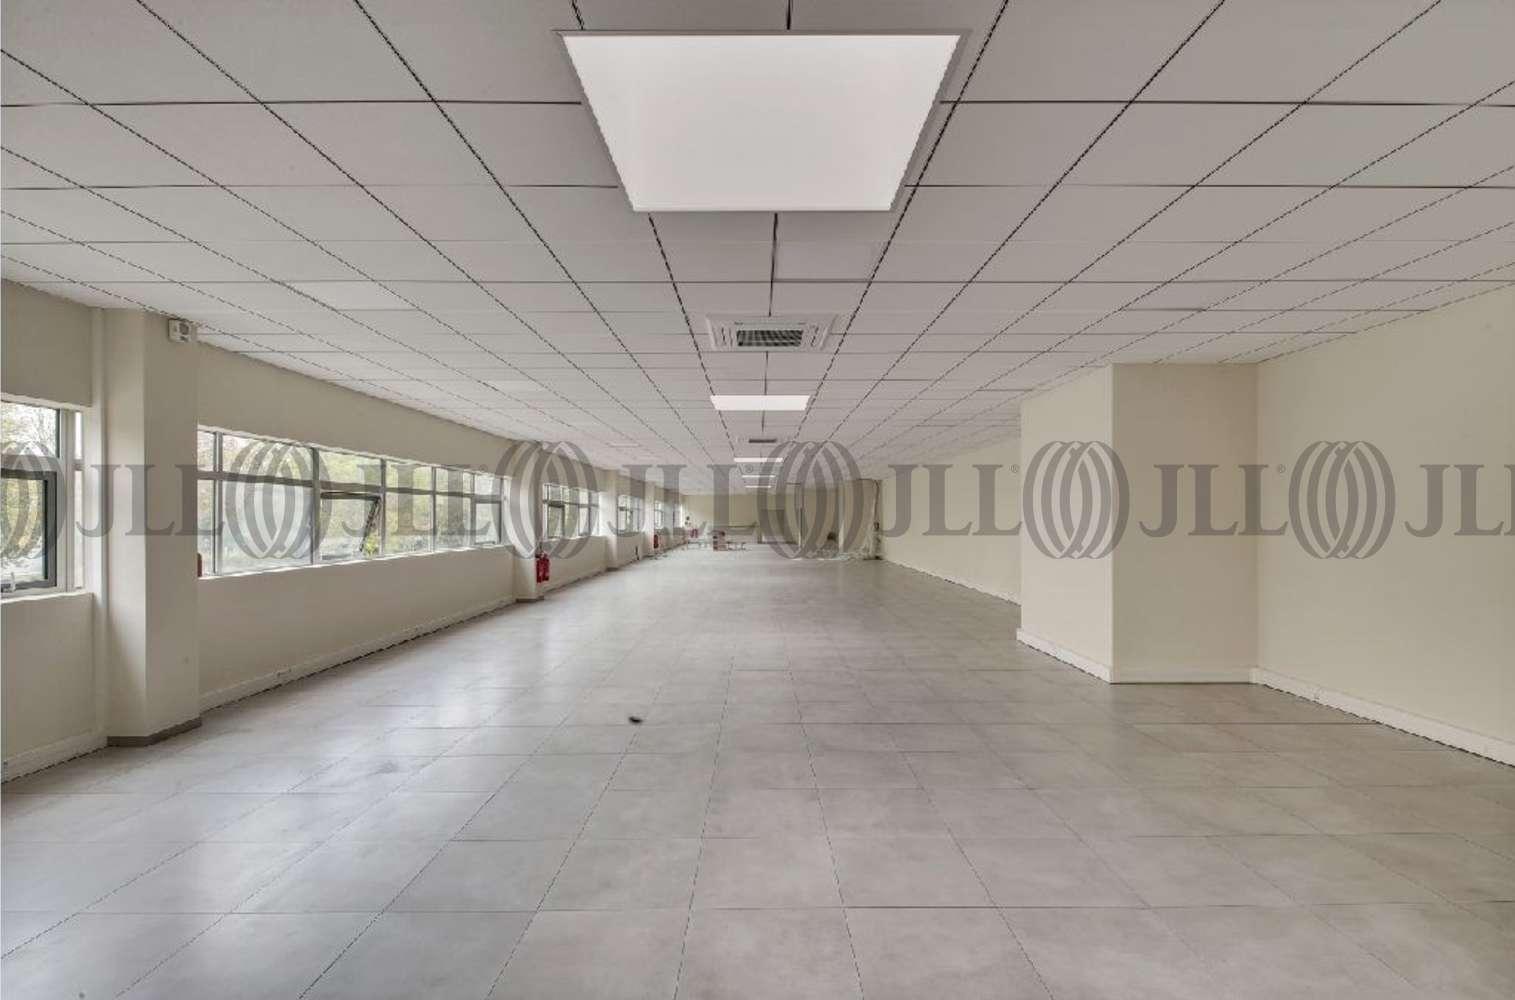 Activités/entrepôt Tremblay en france, 93290 - IDF NORD / POLE DE ROISSY - 10876359